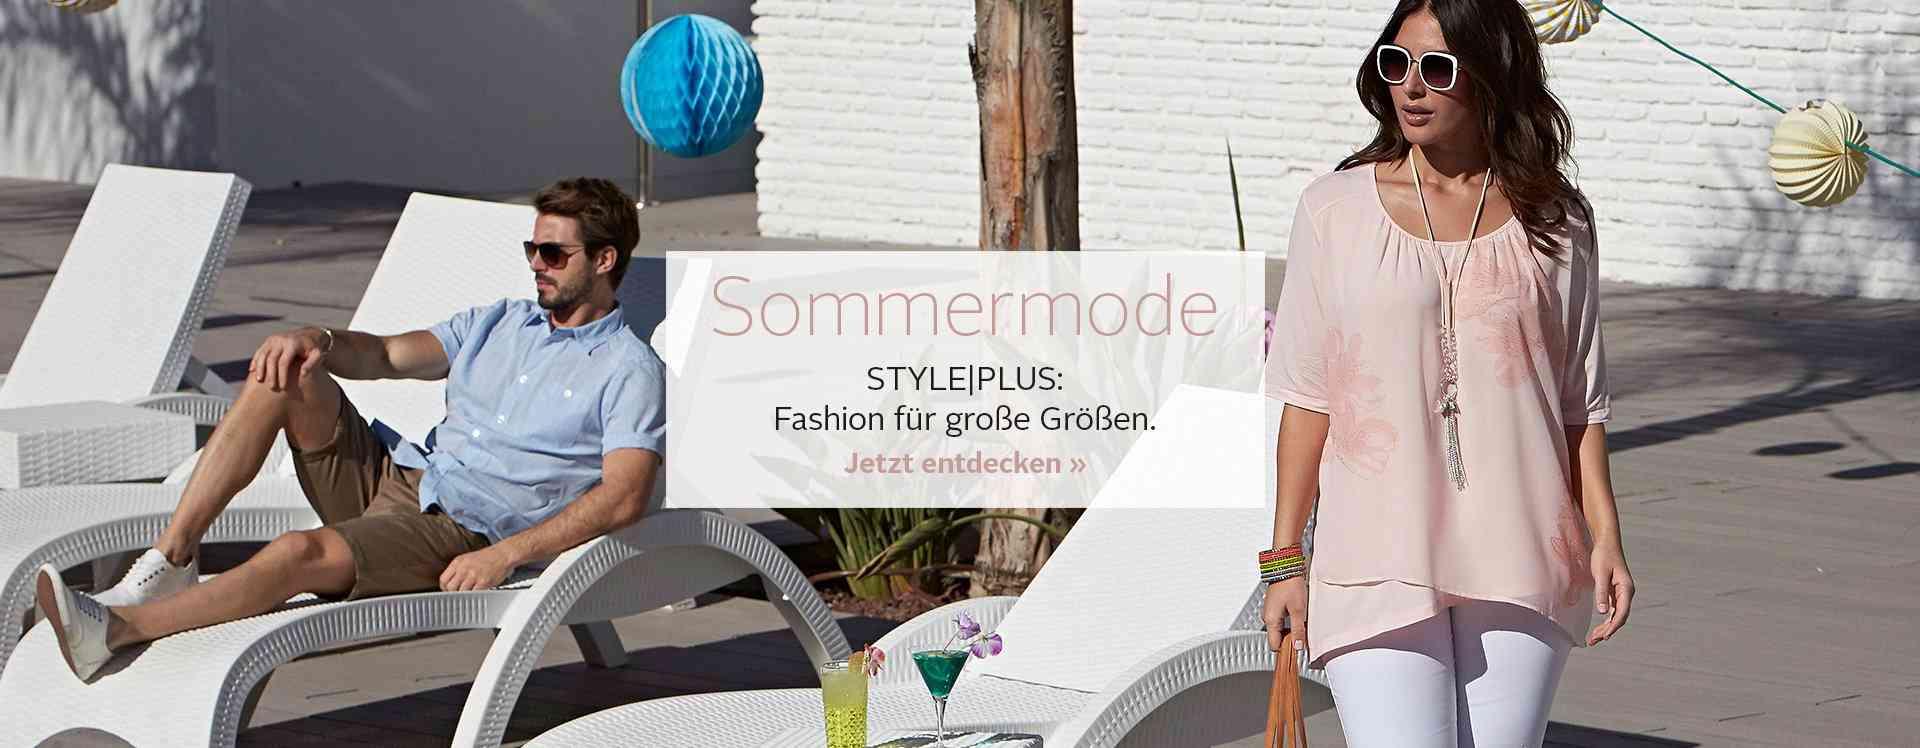 Coole Styles für heiße Tage: Große Größen Sommermode in luftigen Schnitten und leichten Materialien. Für Sie und Ihn... Jetzt entdecken!